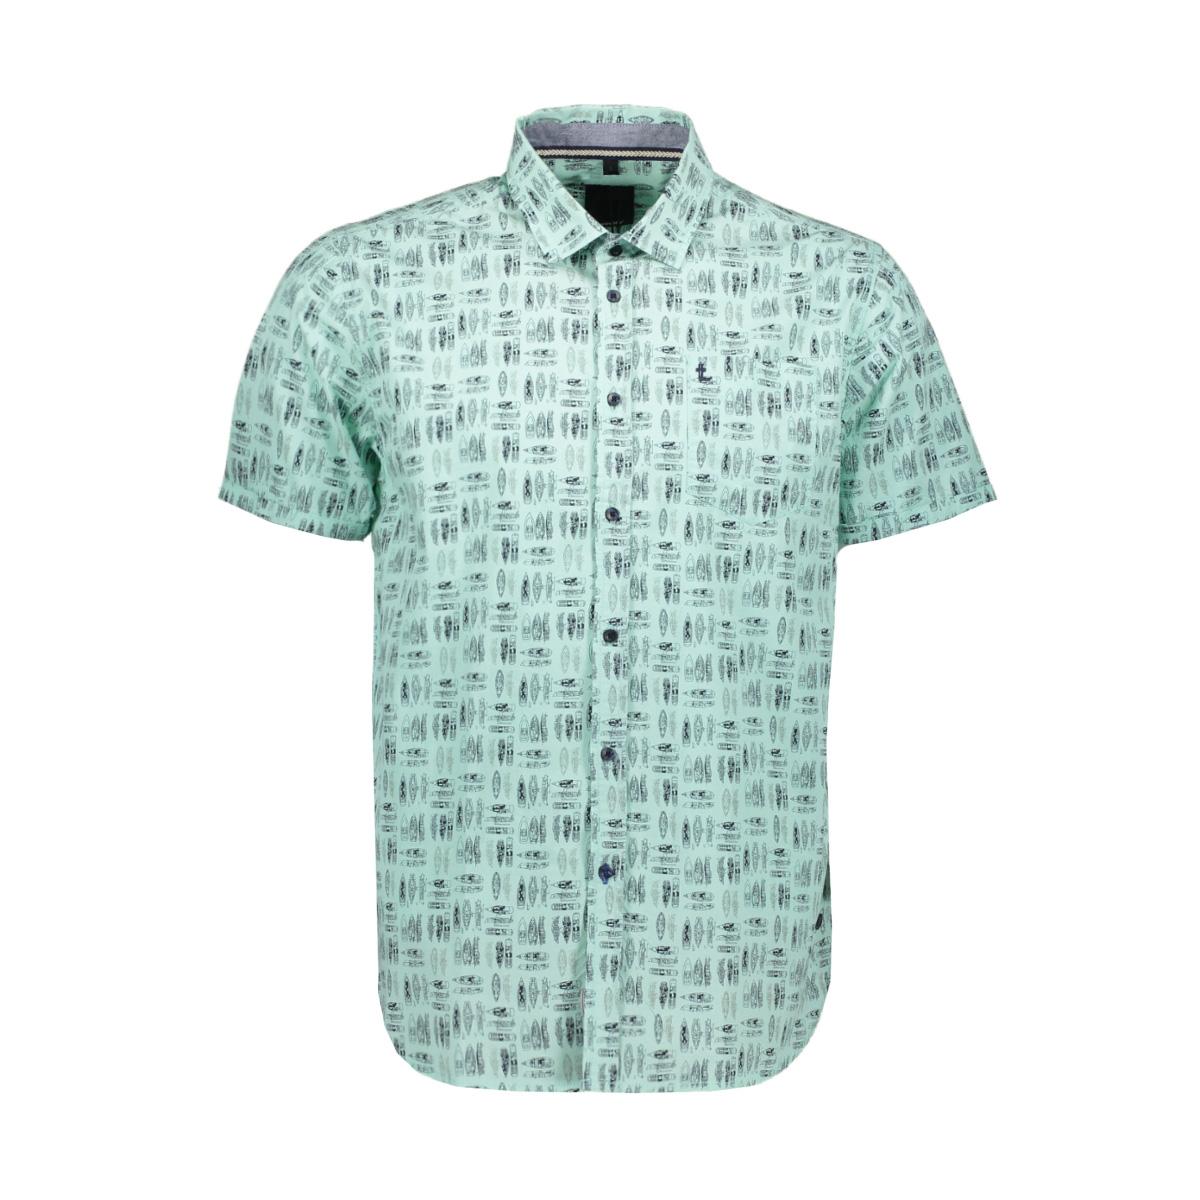 shirt ss regular fit 1901 2129 m 1 twinlife overhemd 5415 dusty jade